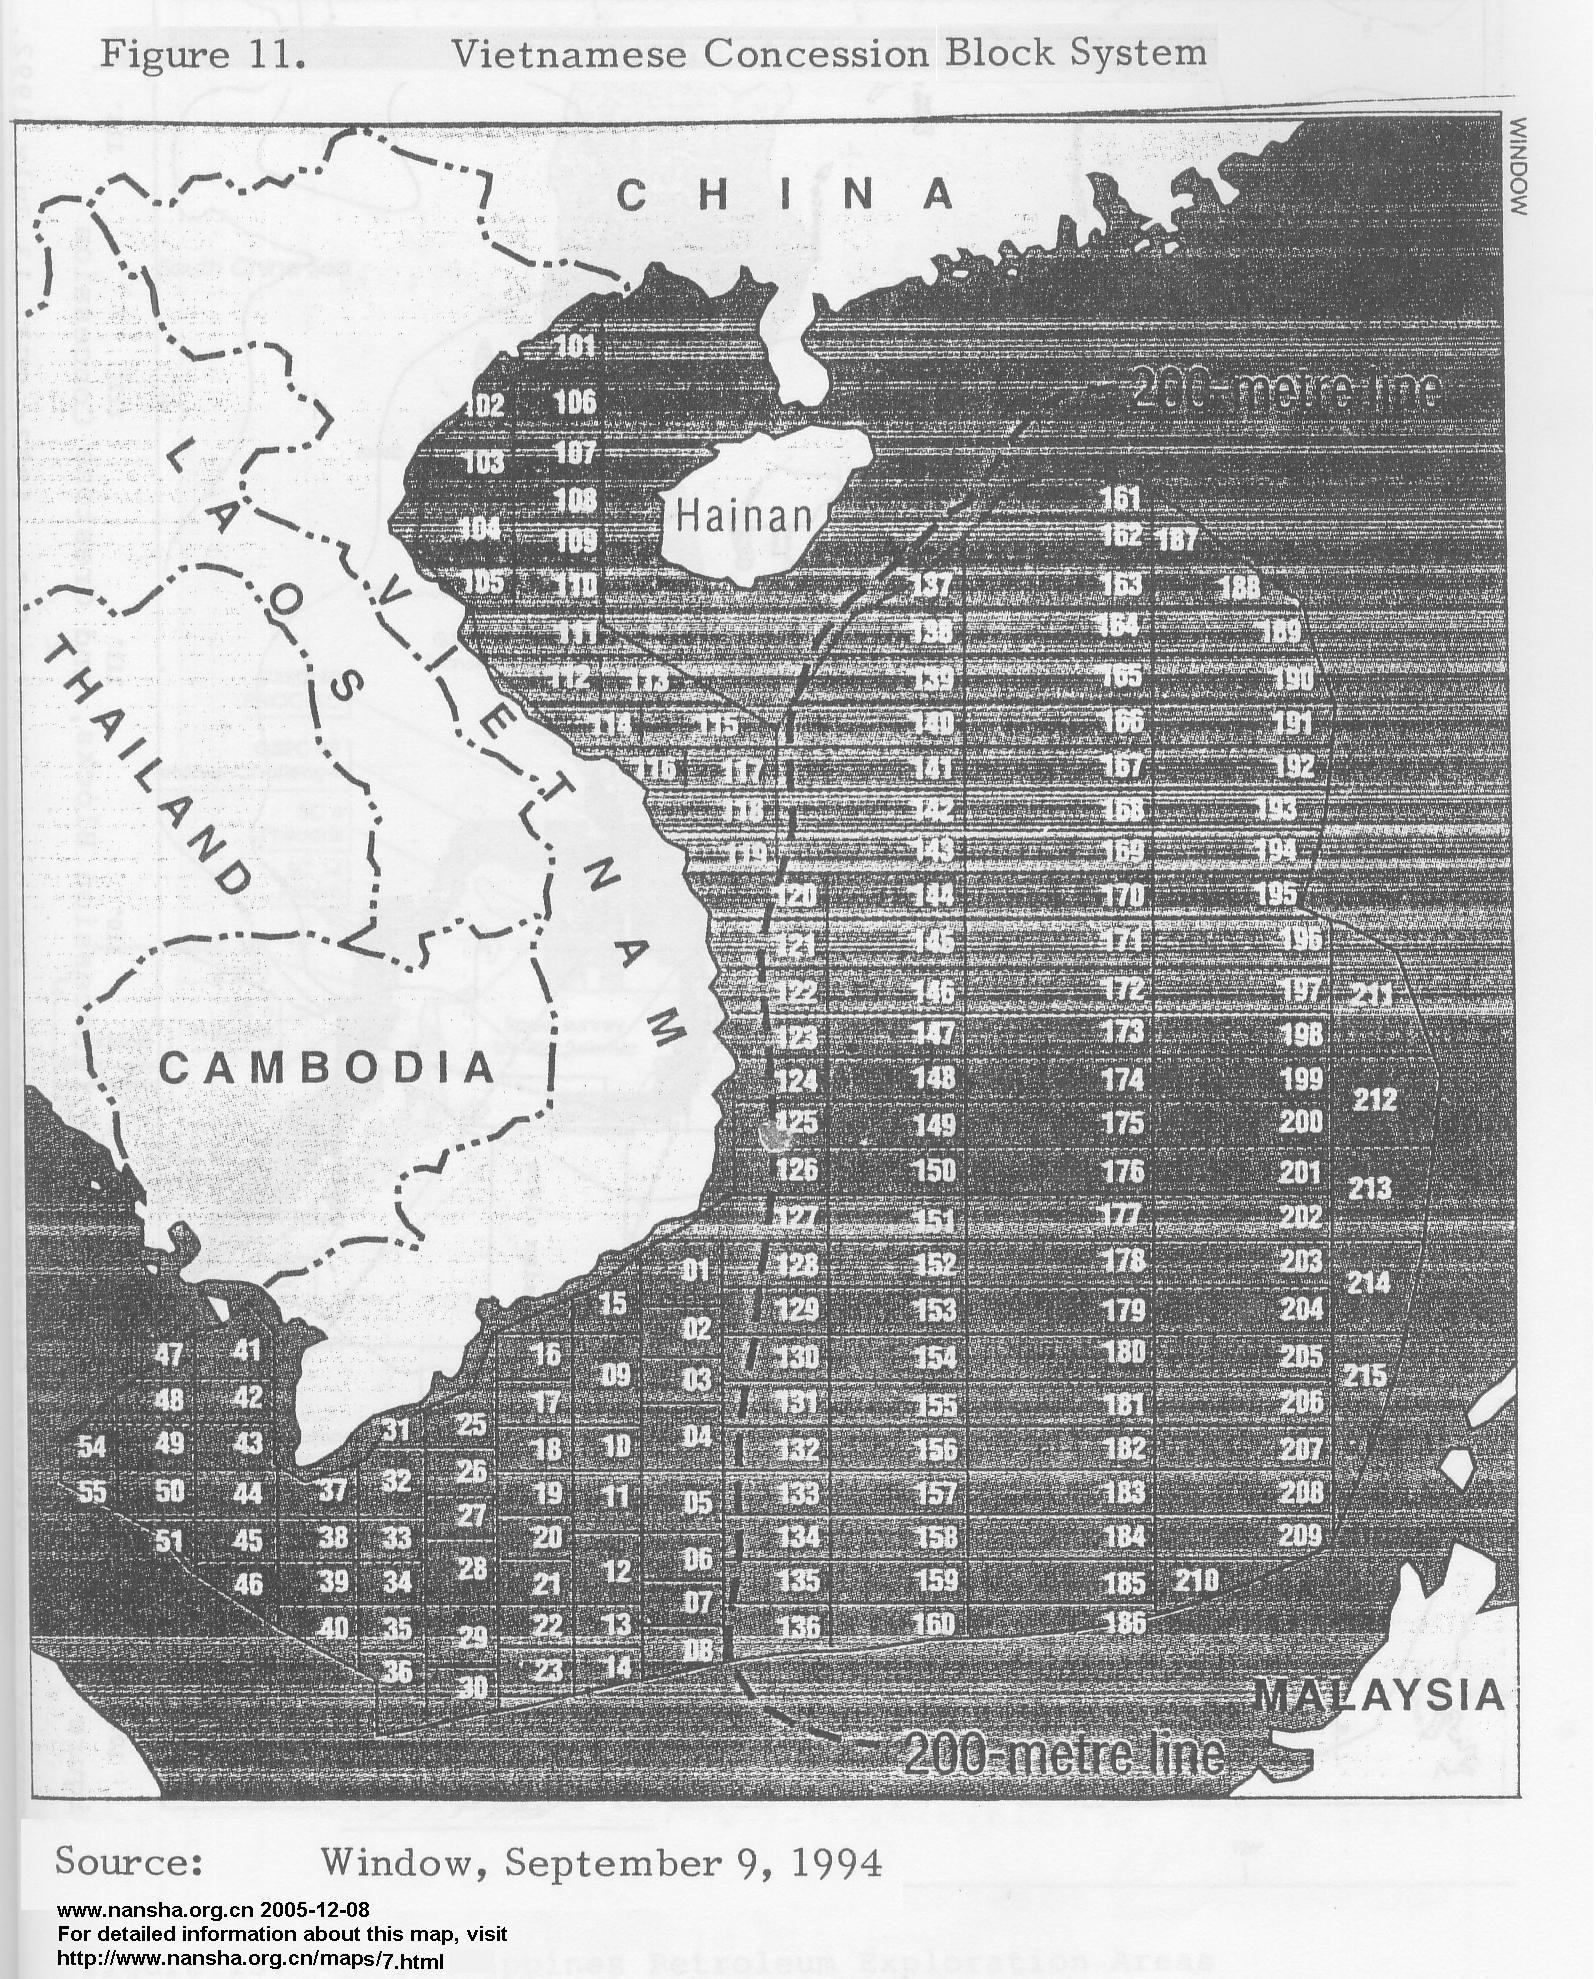 """越南官方抛出此图的目的是要以此来说明其对中国南沙群岛的所谓""""历史主权""""的说法。但是,这张图更本就不足以其所谓的主权。李金明曾经在文章《越南黄沙、长沙非中国西沙南沙考》中明确指出"""":越南史籍中记载的黄沙、长沙,绝不是我国的西沙、南沙姓名。"""":,而《大南一统全图》中的黄沙、万里长沙,实际上是1613 年英国船长约翰沙利撰写的《航海志》一书中地图上绘的长条地带,这两张地图无论从标出的位置,还是从绘画的形状以及地处的经纬度看,都与我国的西沙、南沙群岛毫无相似之处,不能混为一谈。Lu Ning也指出18"""